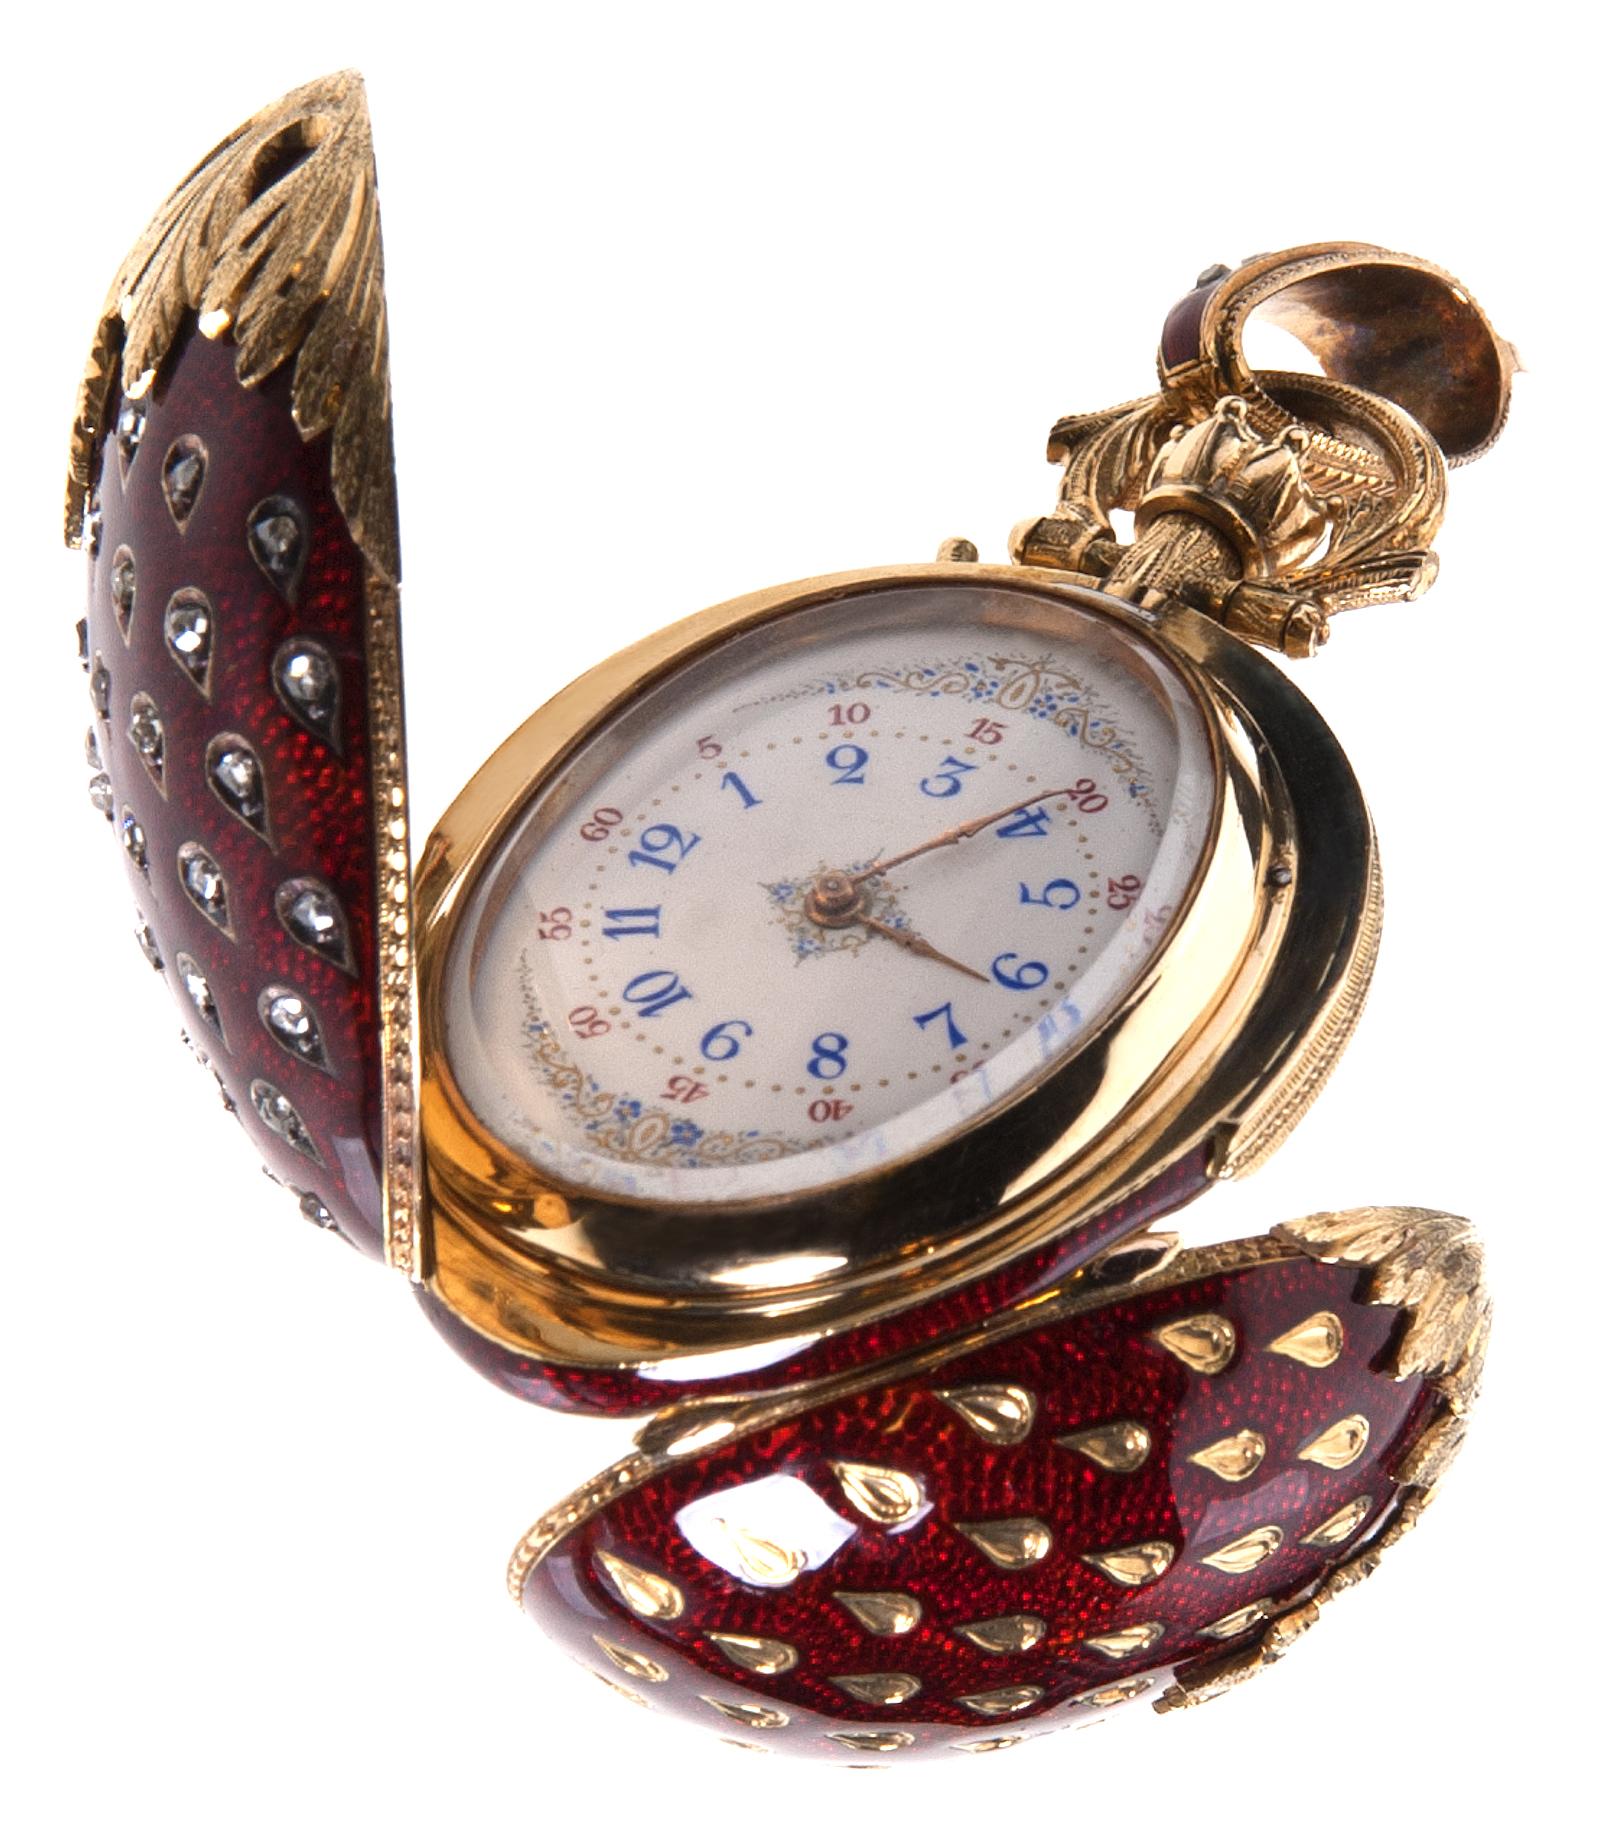 Horloge, circa 1860. Collectie Amsterdam Museum, KA 3627. Foto met dank aan Cromhouthuis©